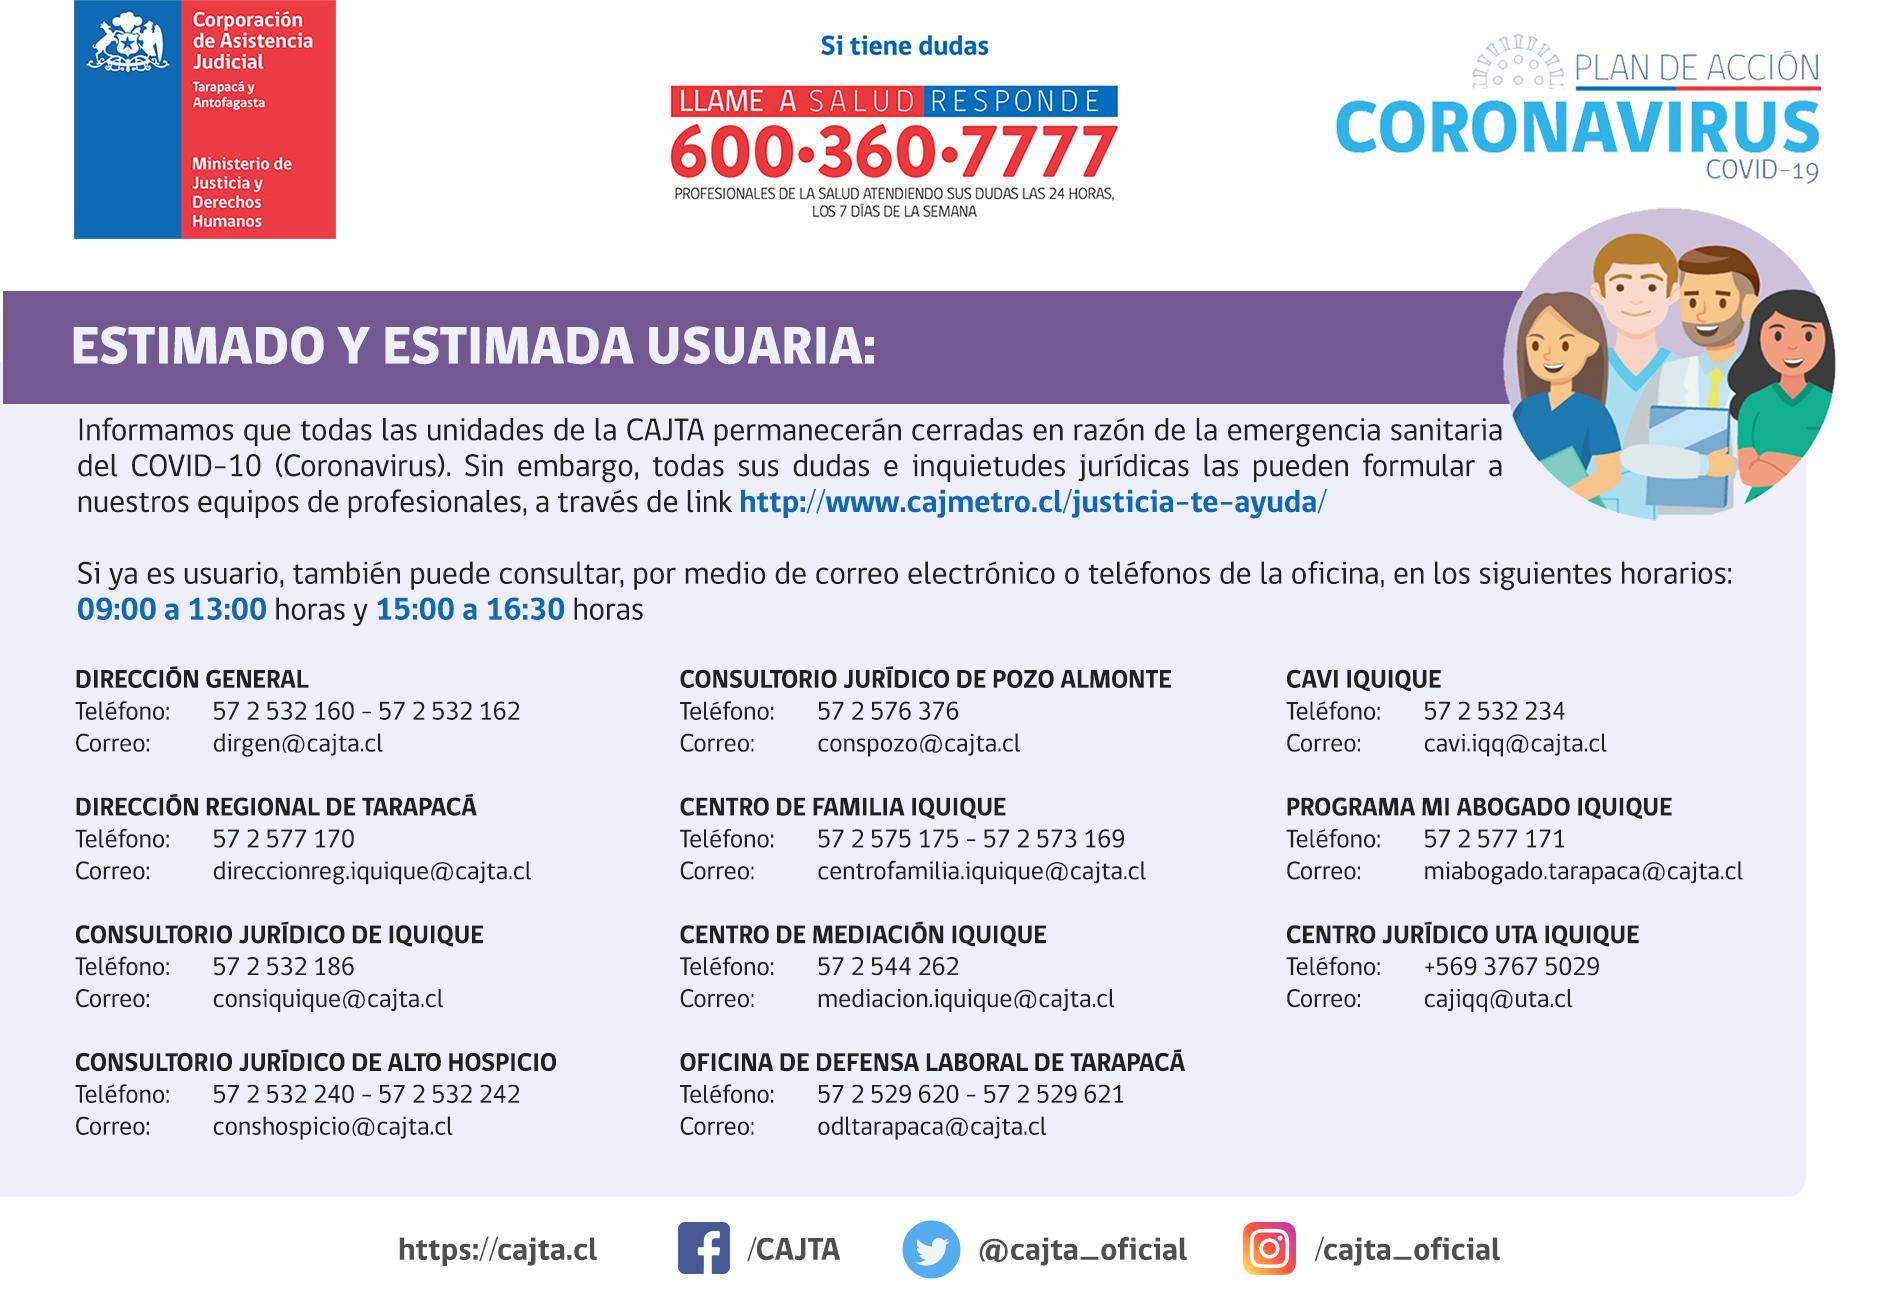 Información para nuestros usuarios y usuarias de la Región de Tarapacá